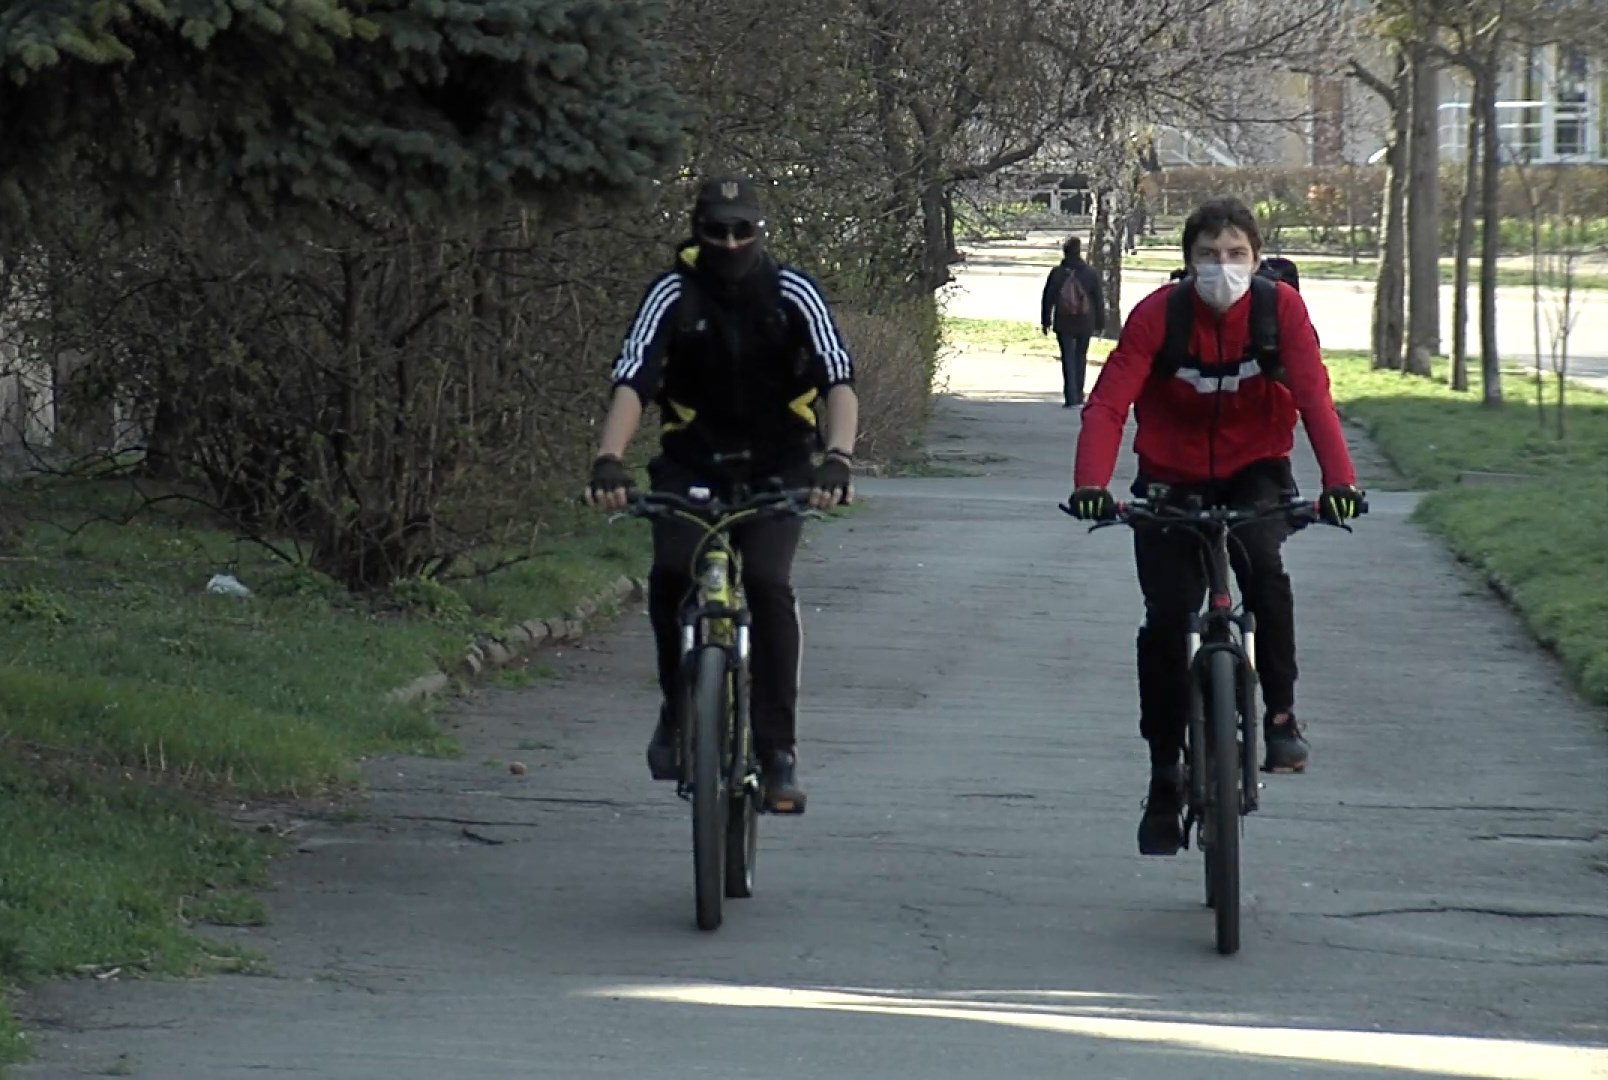 Украинцы массово перешли на электросамокаты и велосипеды во время карантина: видео - Новости Ровно - 24 Канал